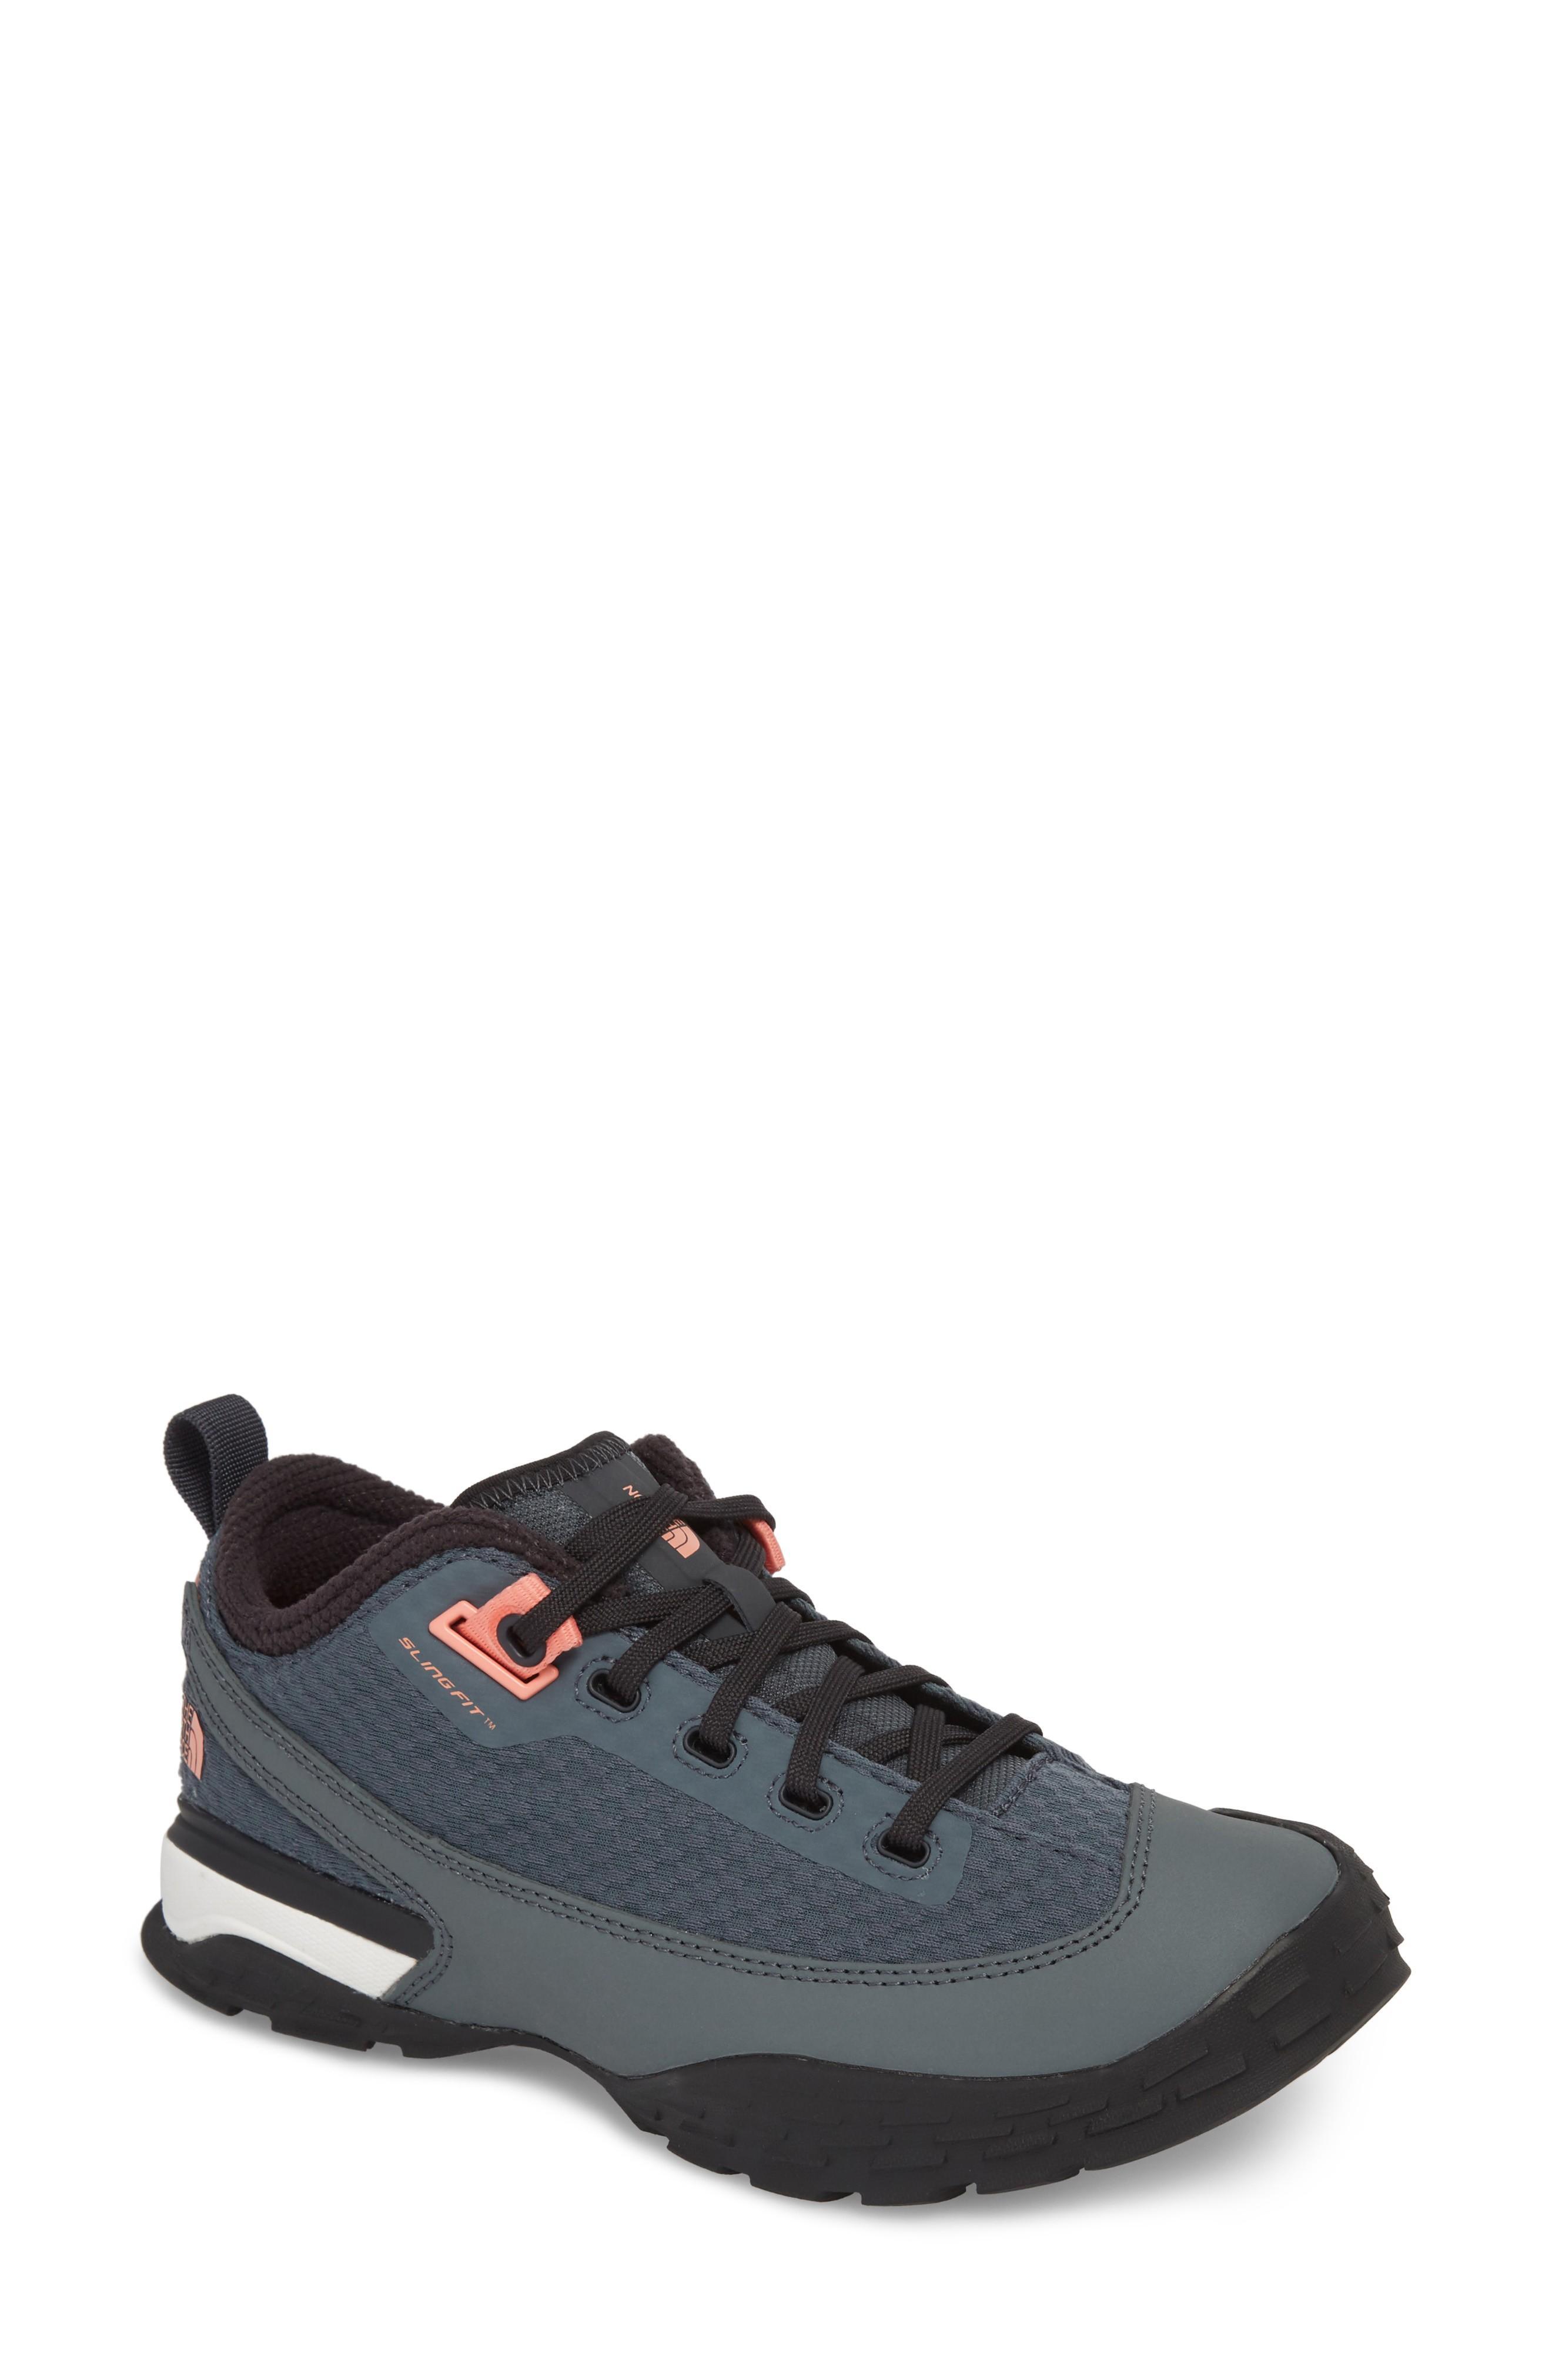 1a9b9e5db One Trail Hiking Shoe in Turbulence Grey/ Orange